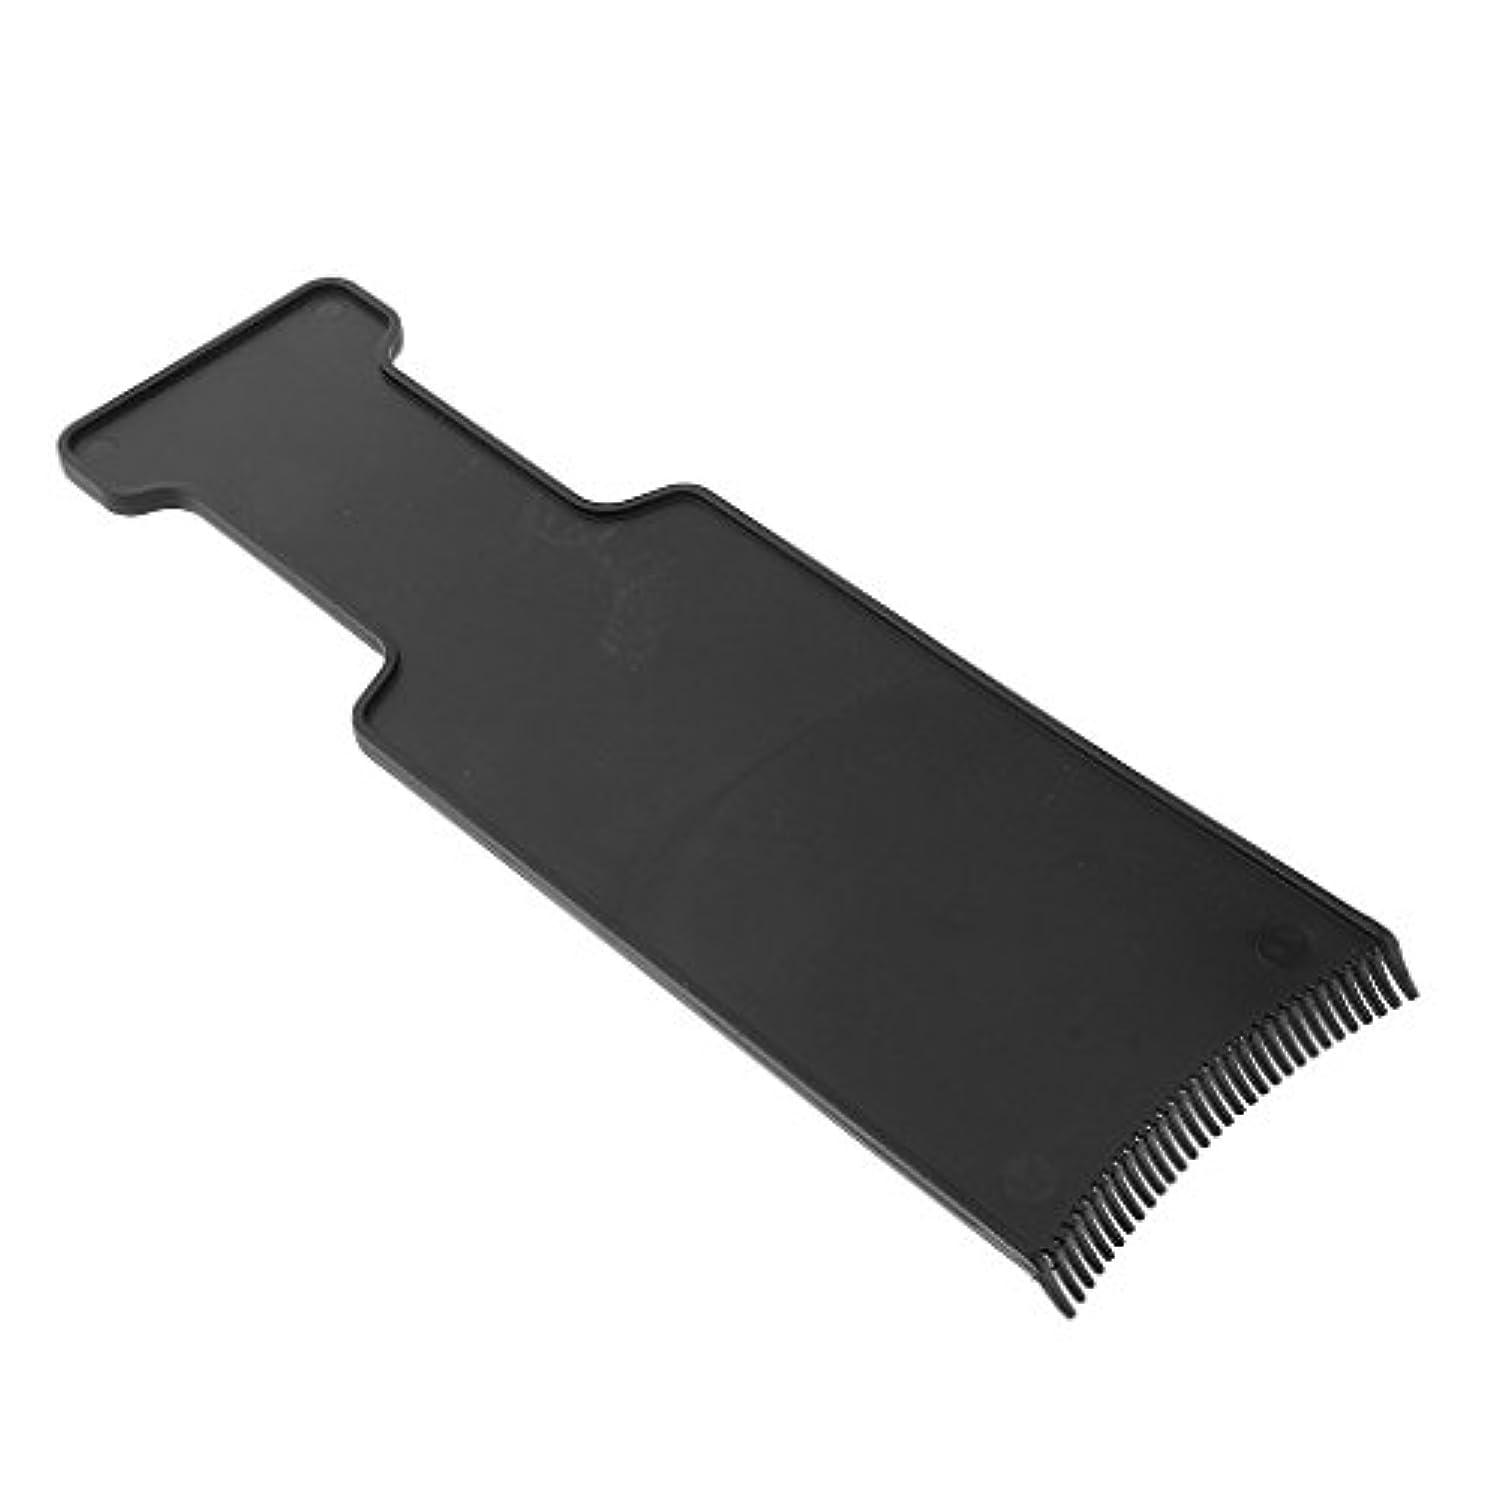 宙返り陪審アンソロジーヘアカラー ボード 染色 ツール ブラック 全4サイズ - M